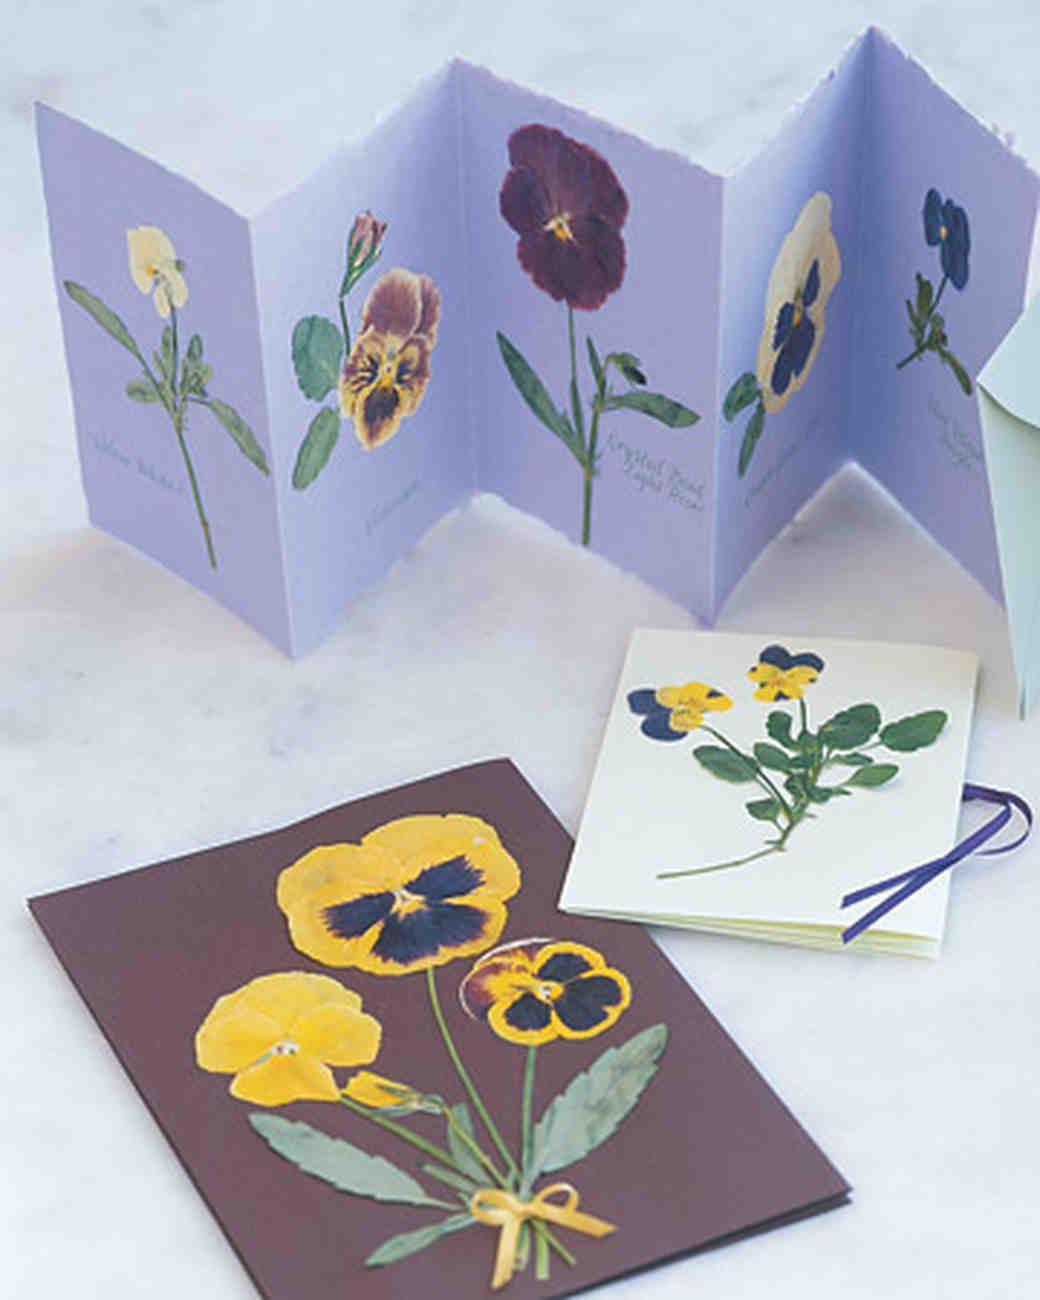 msl_0598_giftcards.jpg